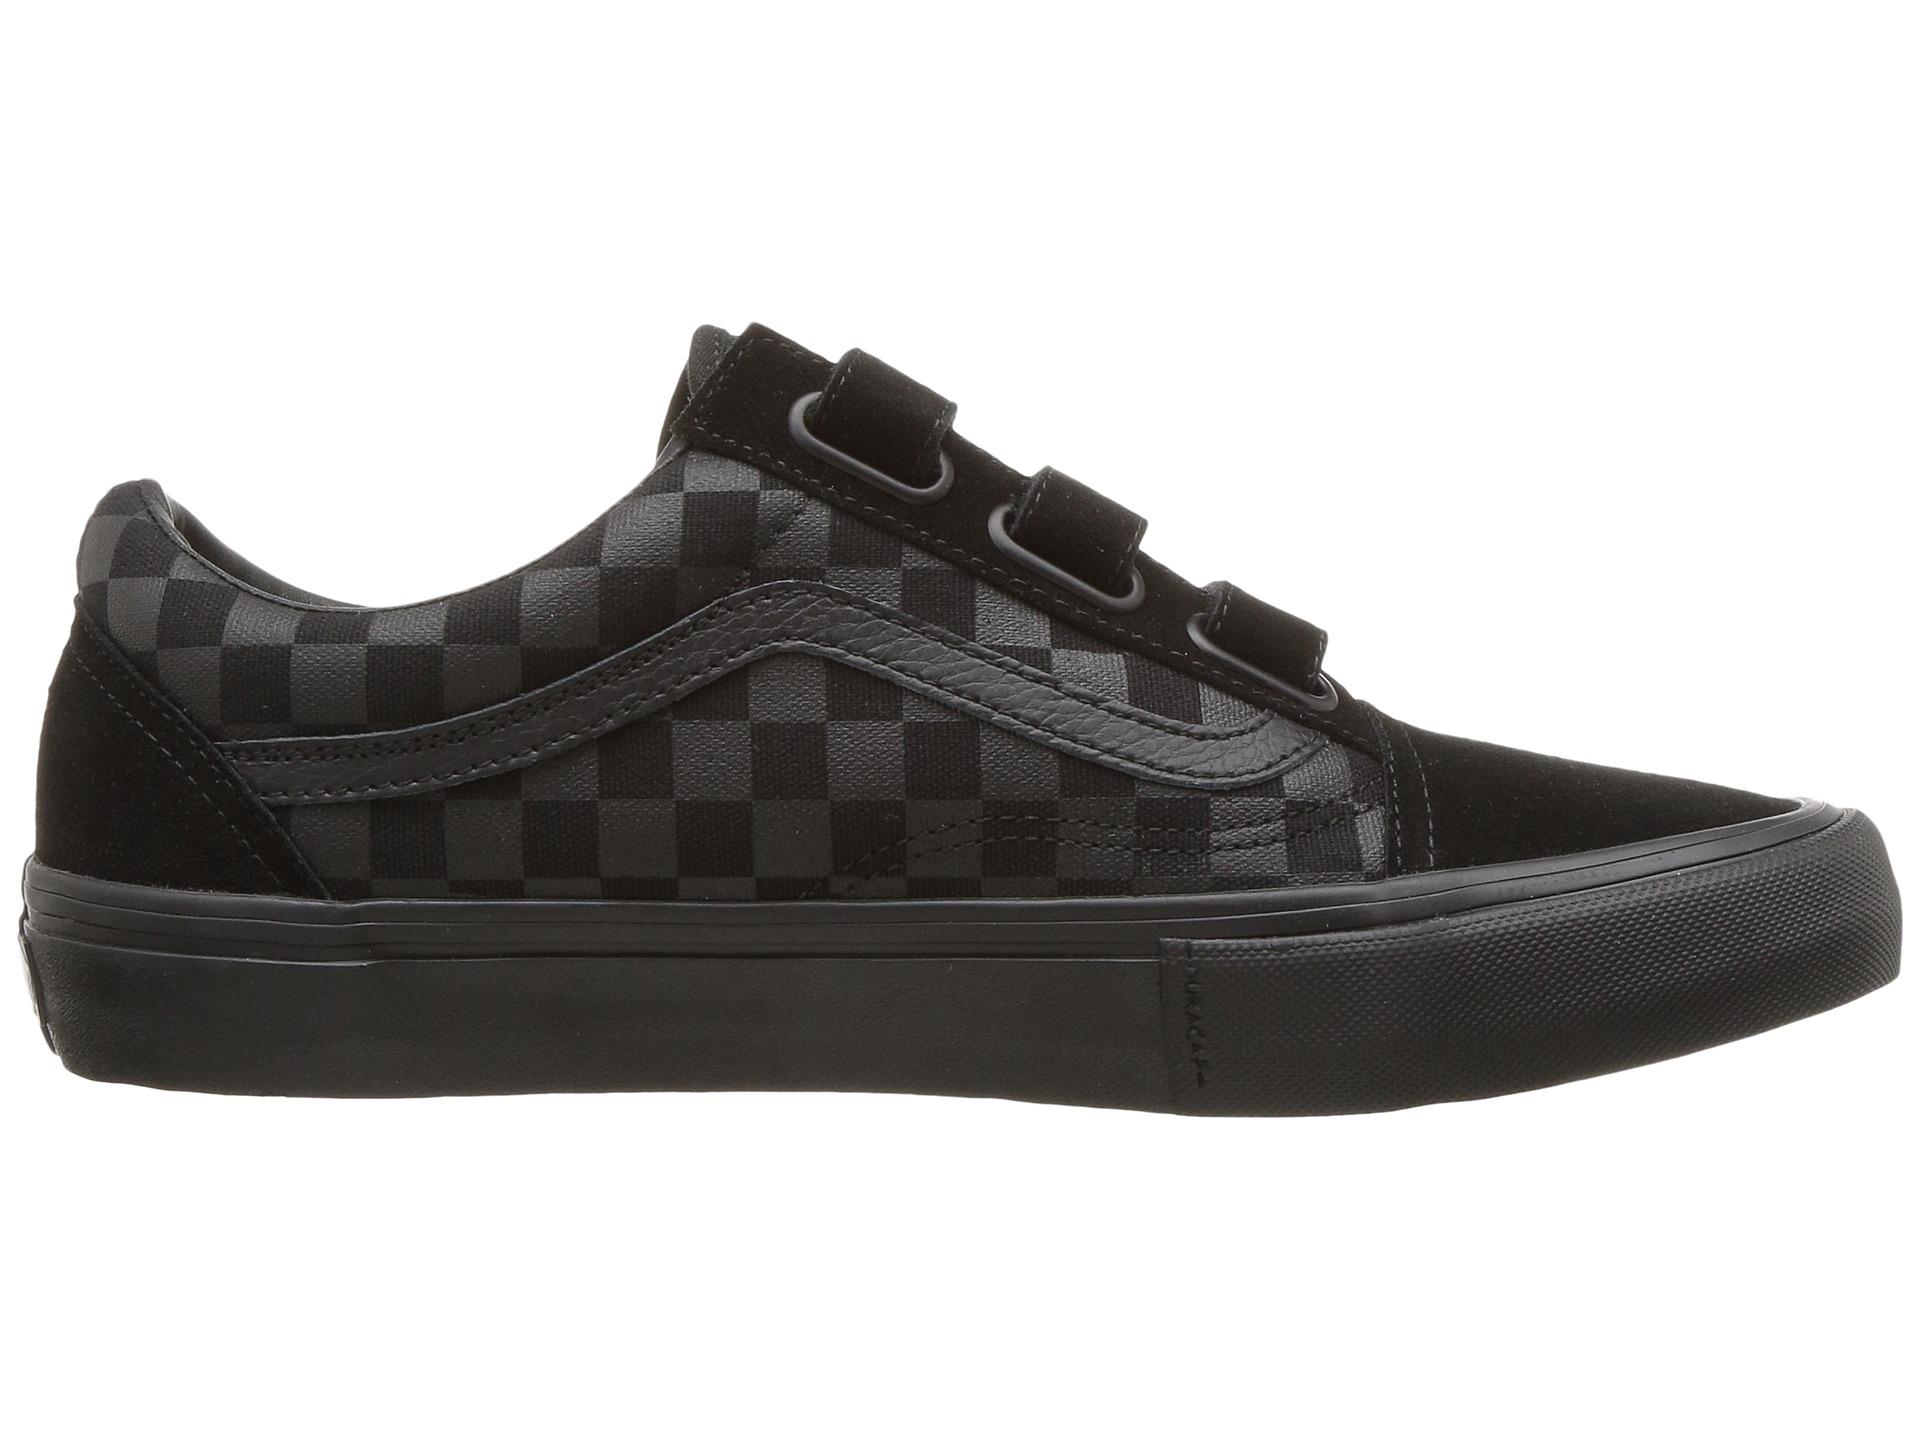 Vans Old Skool Pro Priz Rowan Shoes